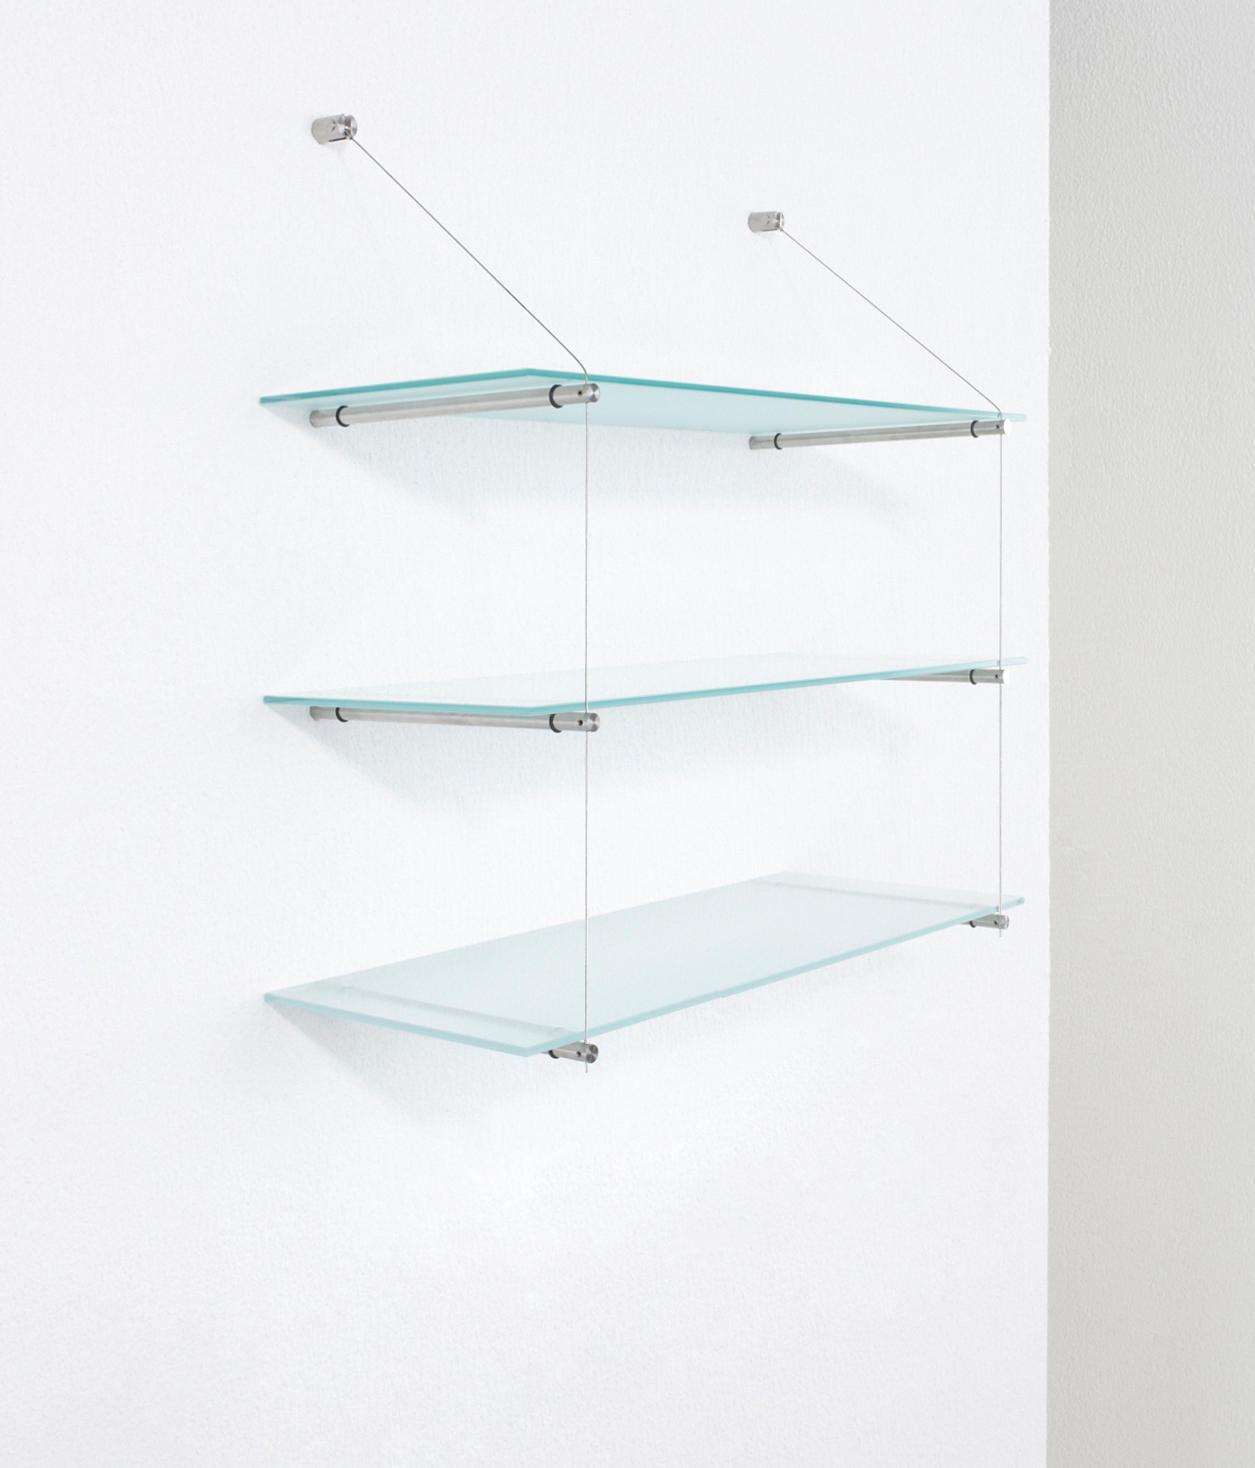 glasregal rst 260 cable systems from phos design. Black Bedroom Furniture Sets. Home Design Ideas